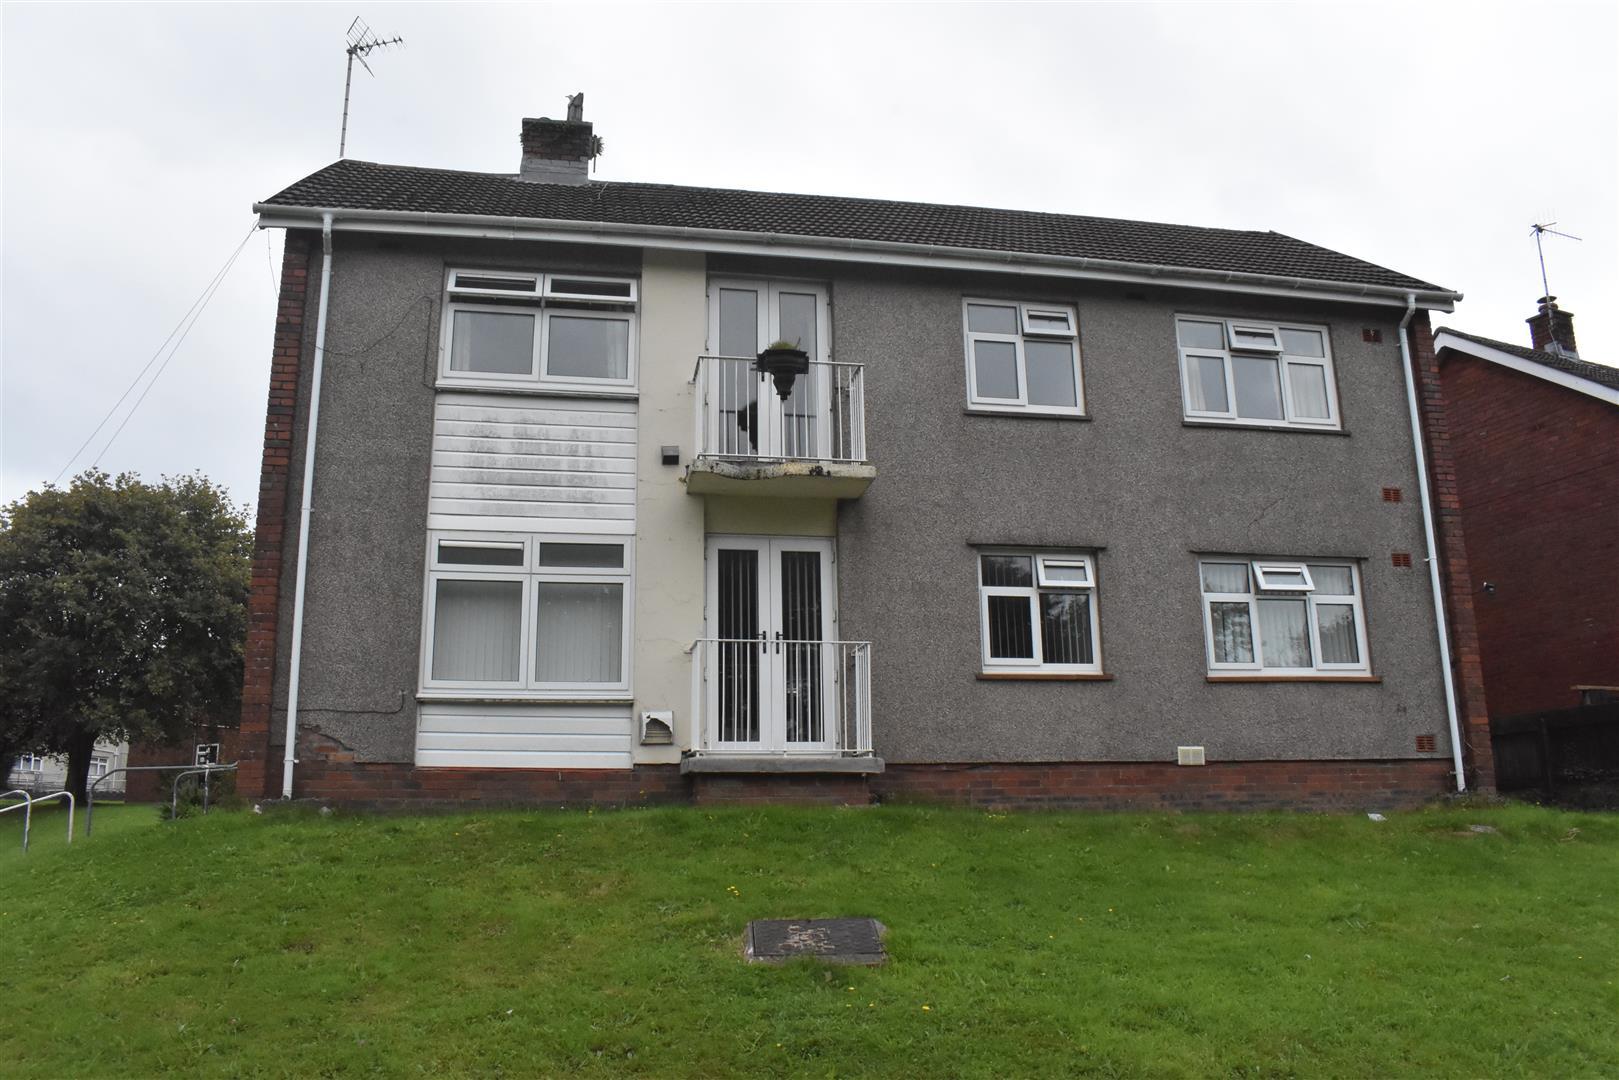 Oakridge, Sketty, Swansea, SA2 8NY